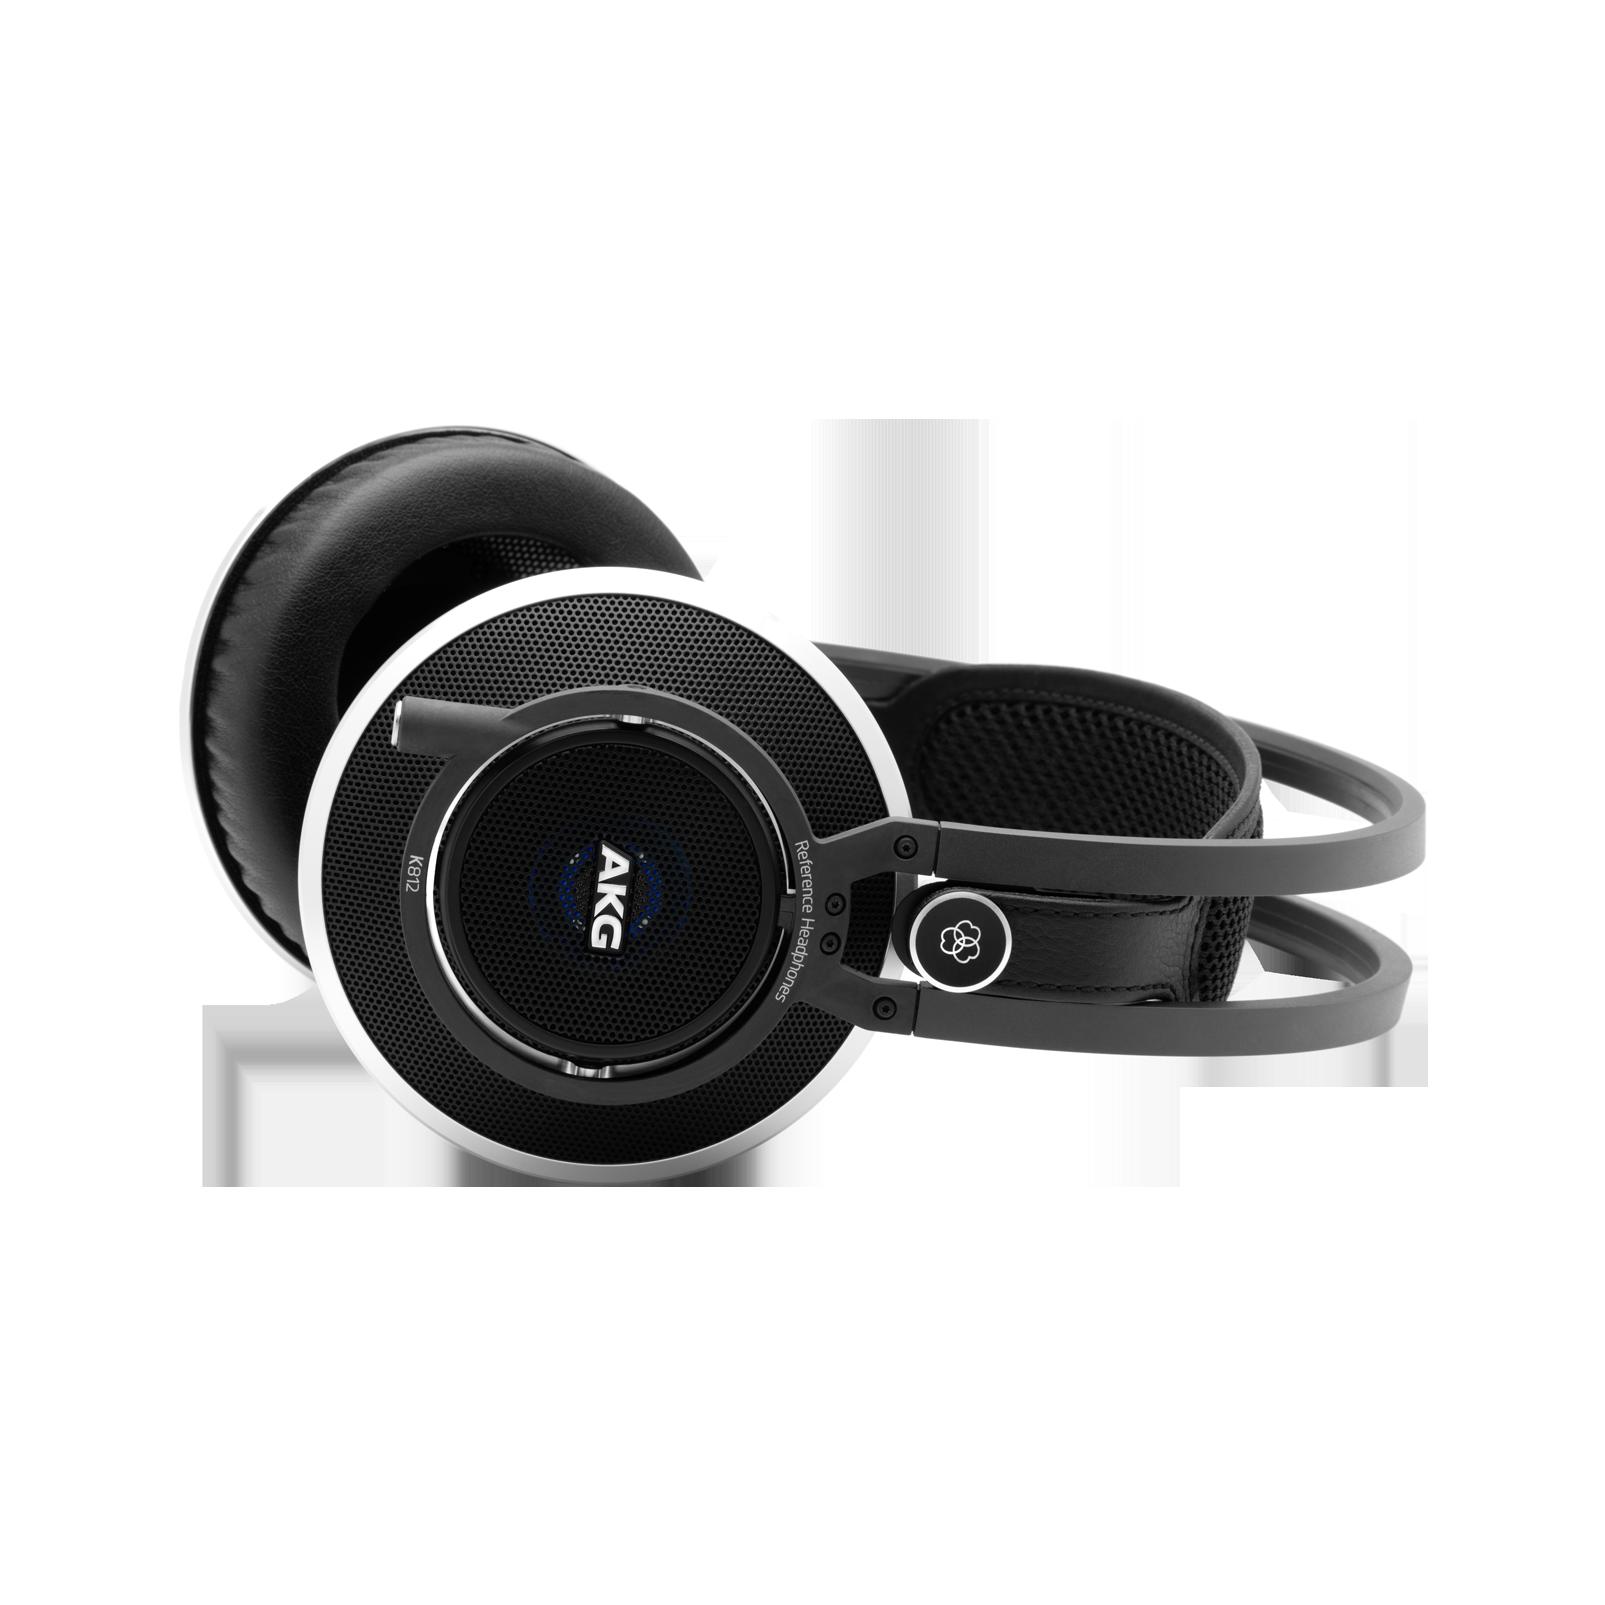 K812 - Black - Superior reference headphones - Detailshot 3